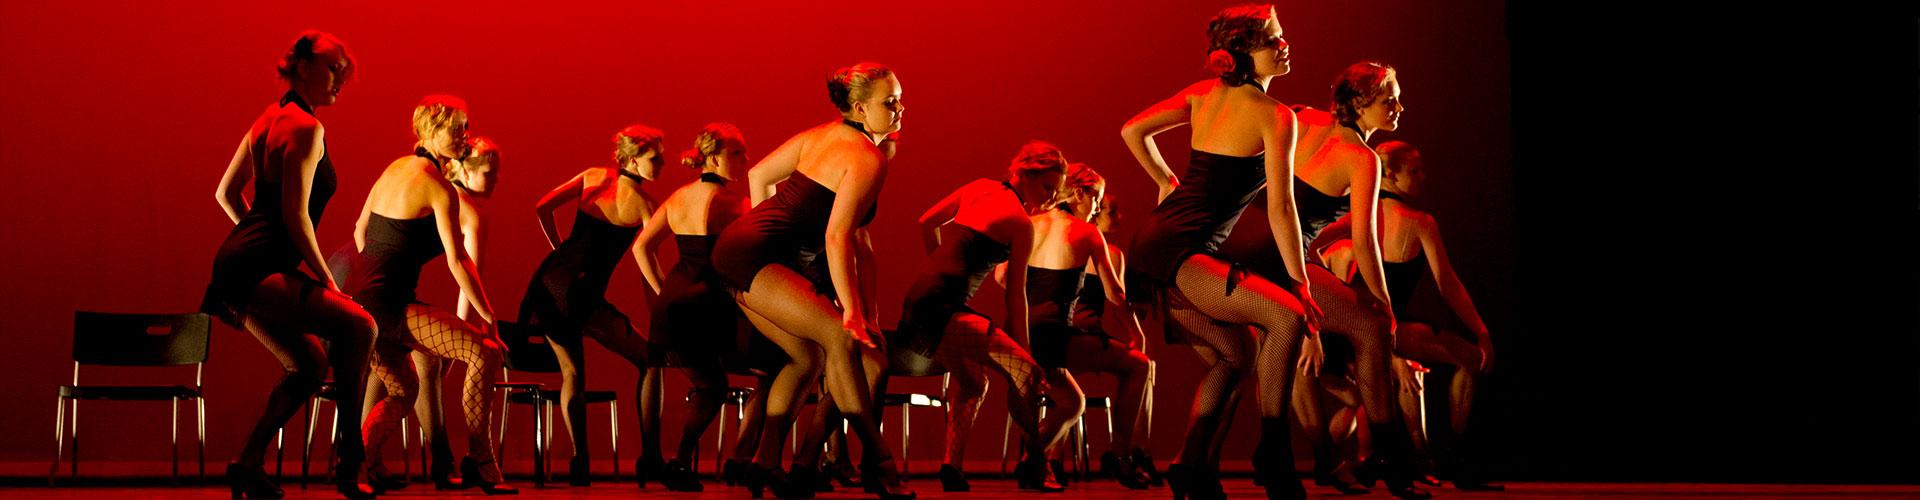 Mange voksne damer danser